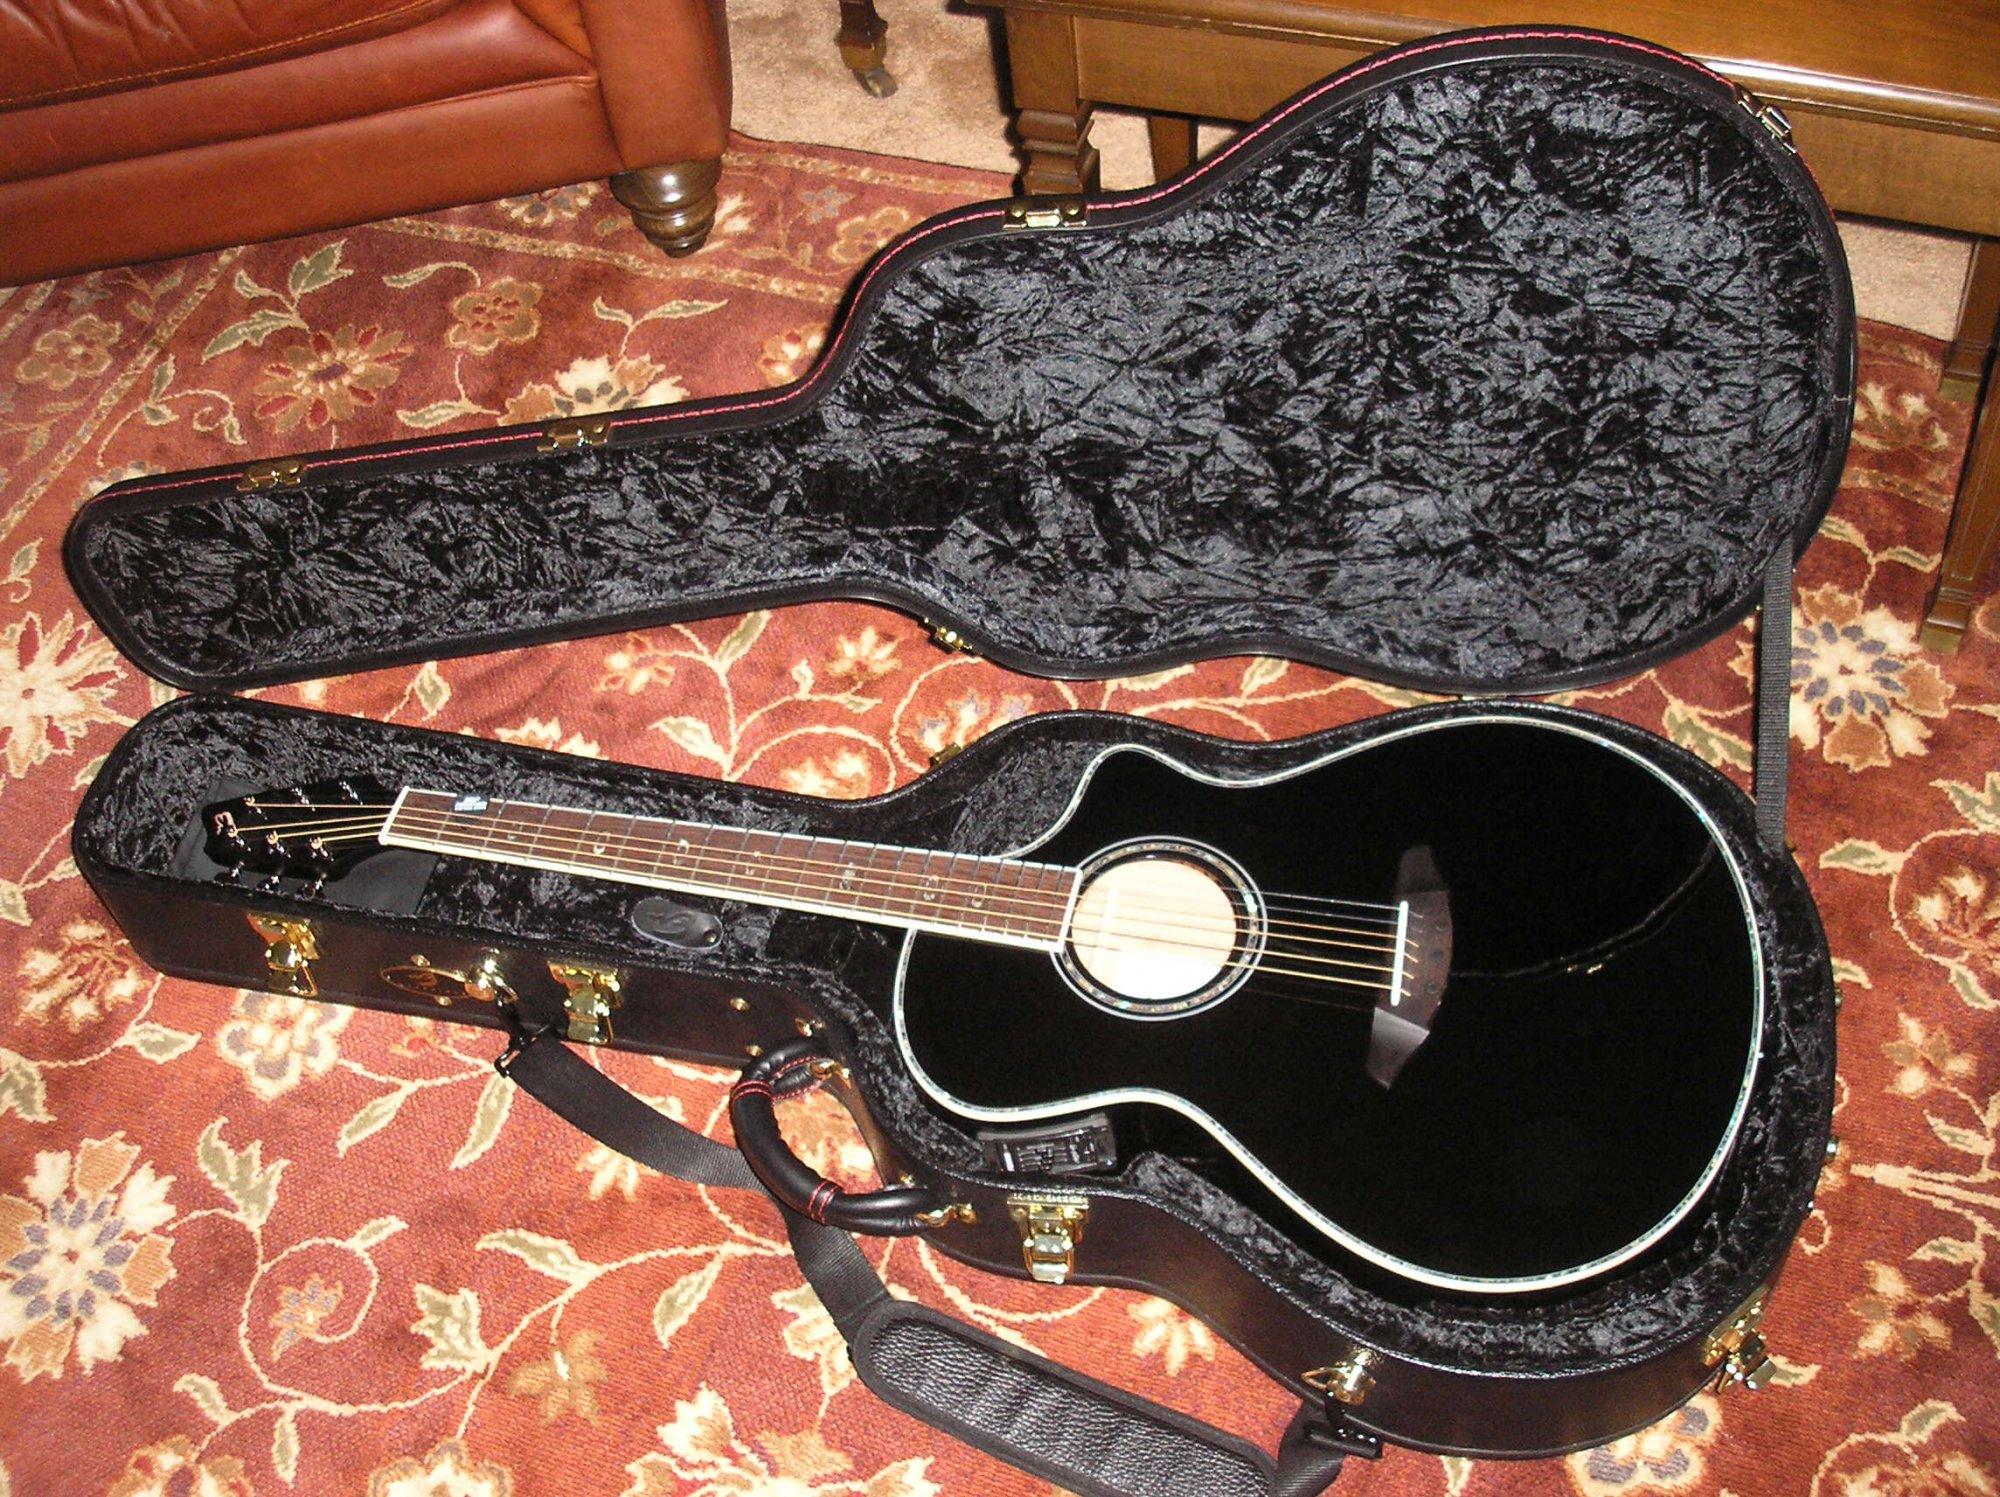 guitar pics 12-31-07 011.jpg